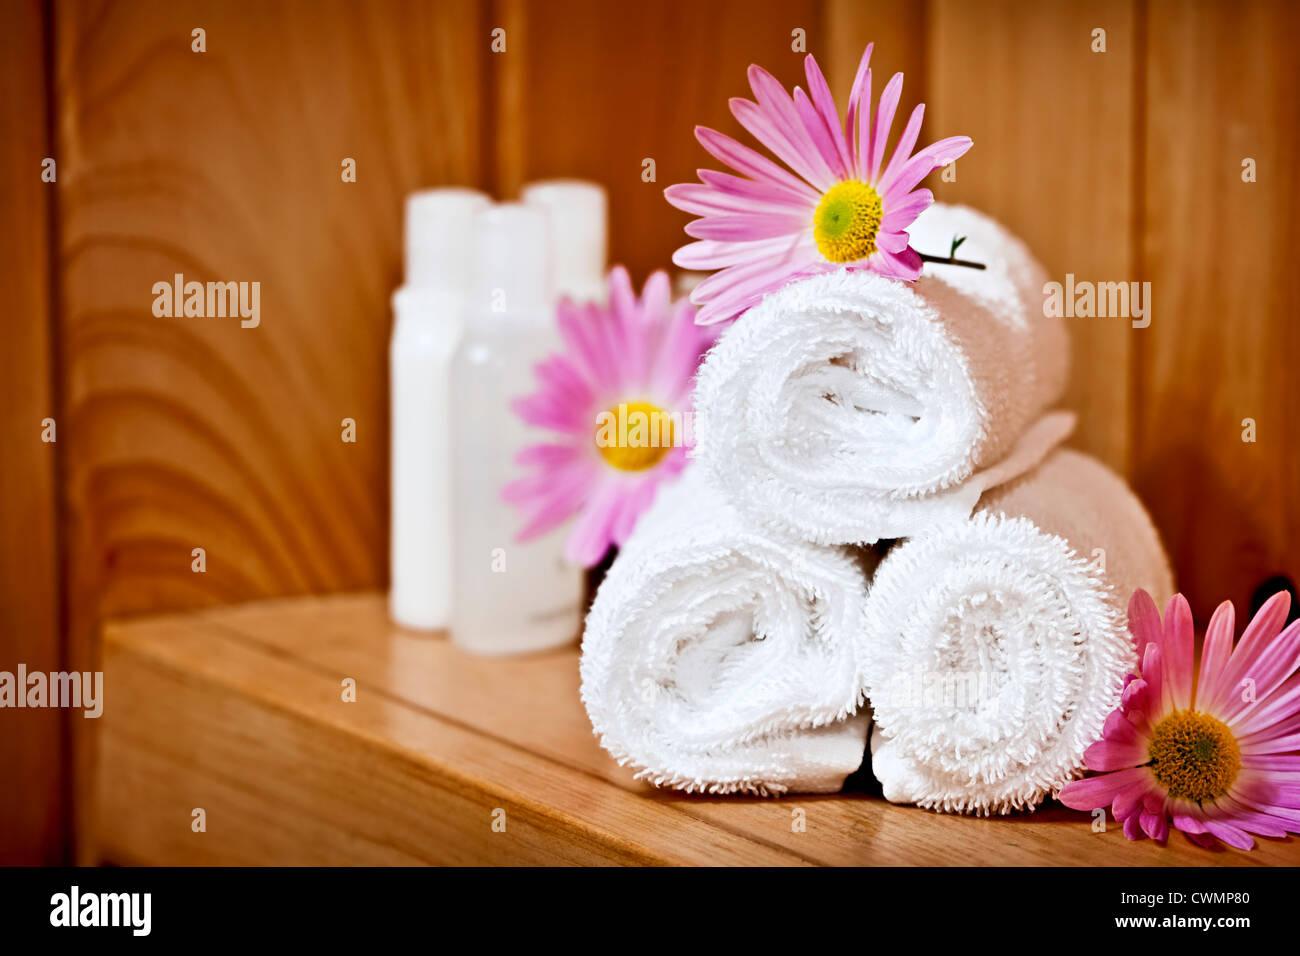 Laminada blanca hasta toallas de spa con productos para el cuidado del cuerpo Imagen De Stock